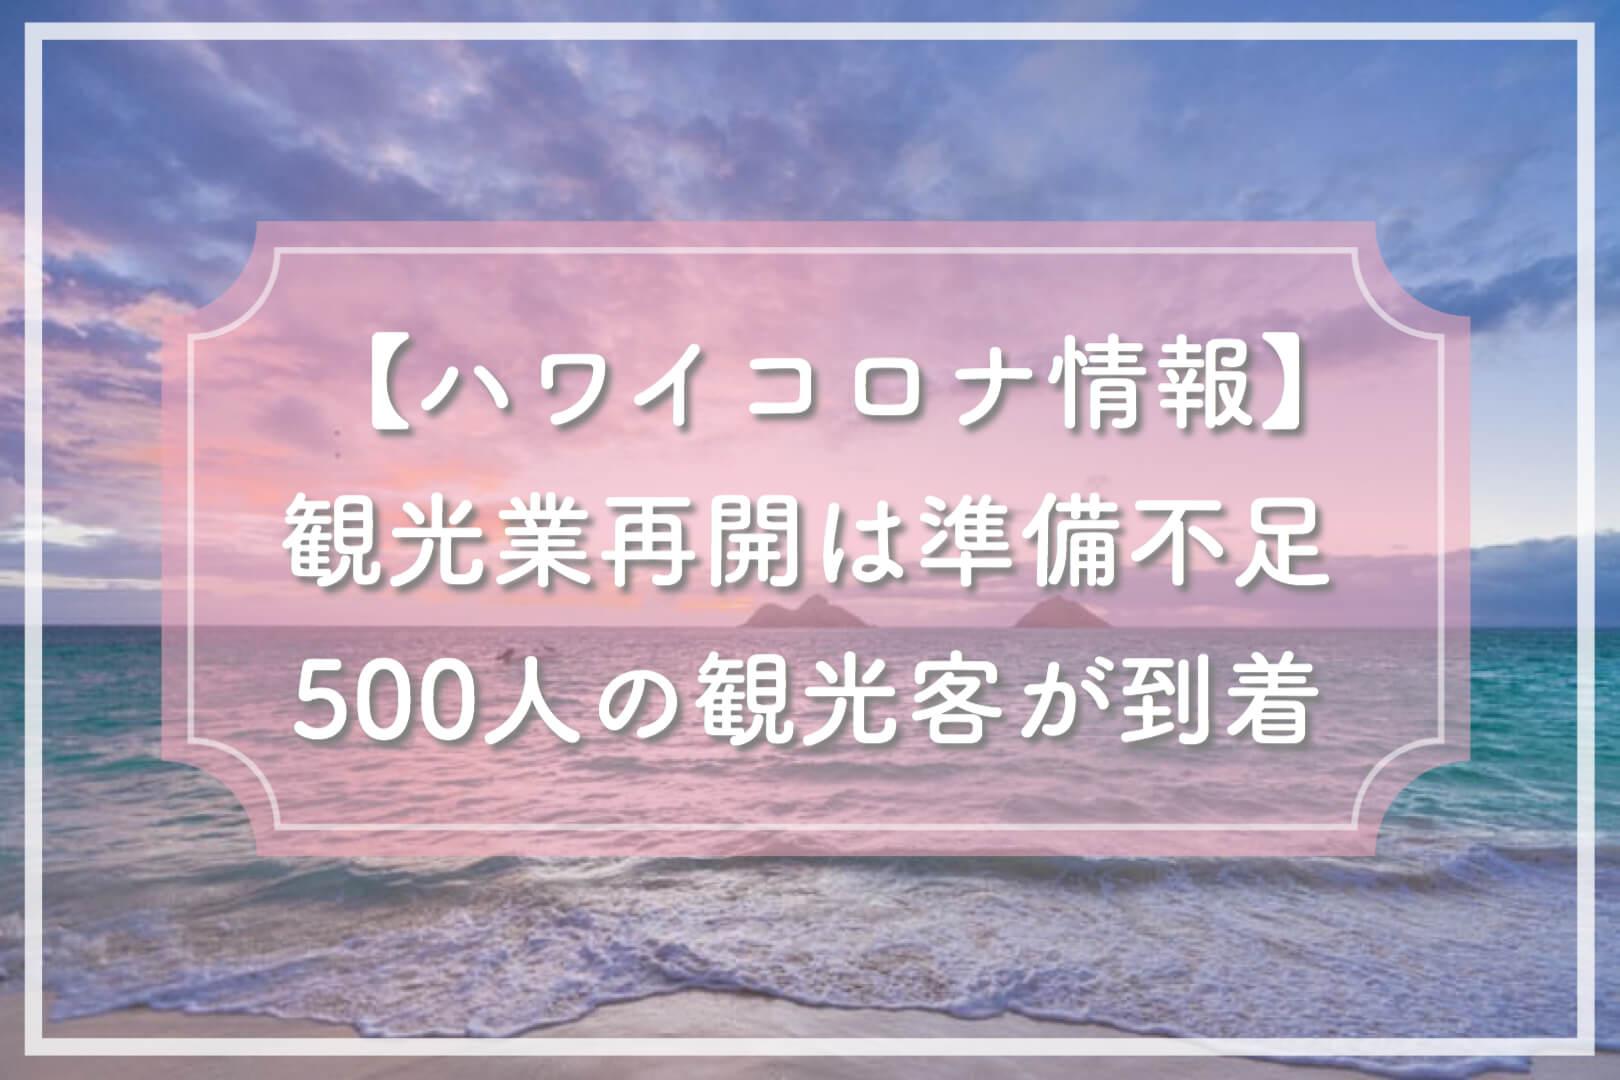 【ハワイコロナ情報】観光業再開は準備不足 500人の観光客が到着